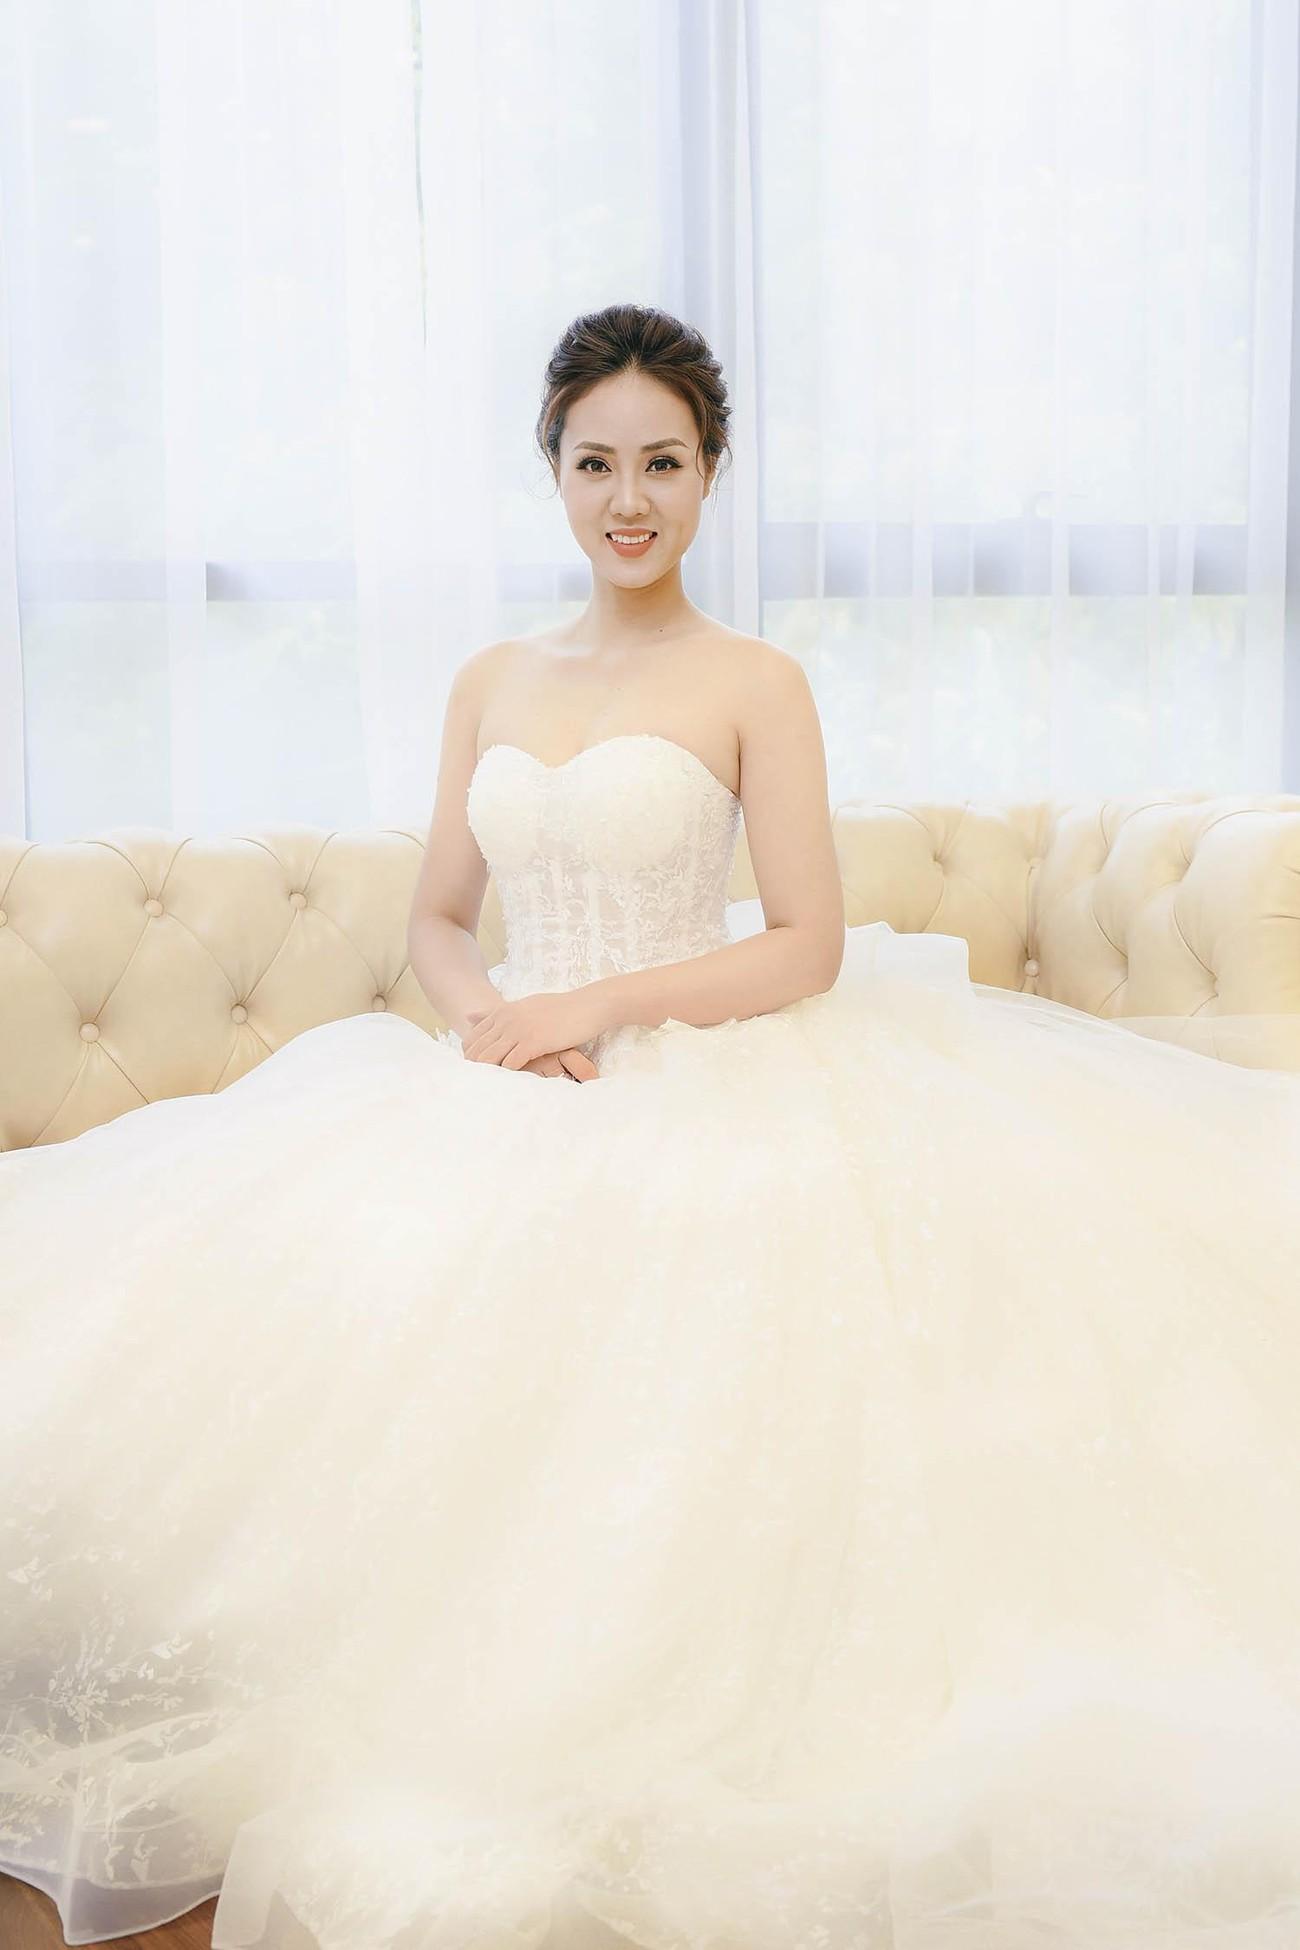 Vợ sắp cưới kém 15 tuổi của NSND Công Lý xinh đẹp lộng lẫy khi mặc váy cô dâu ảnh 3